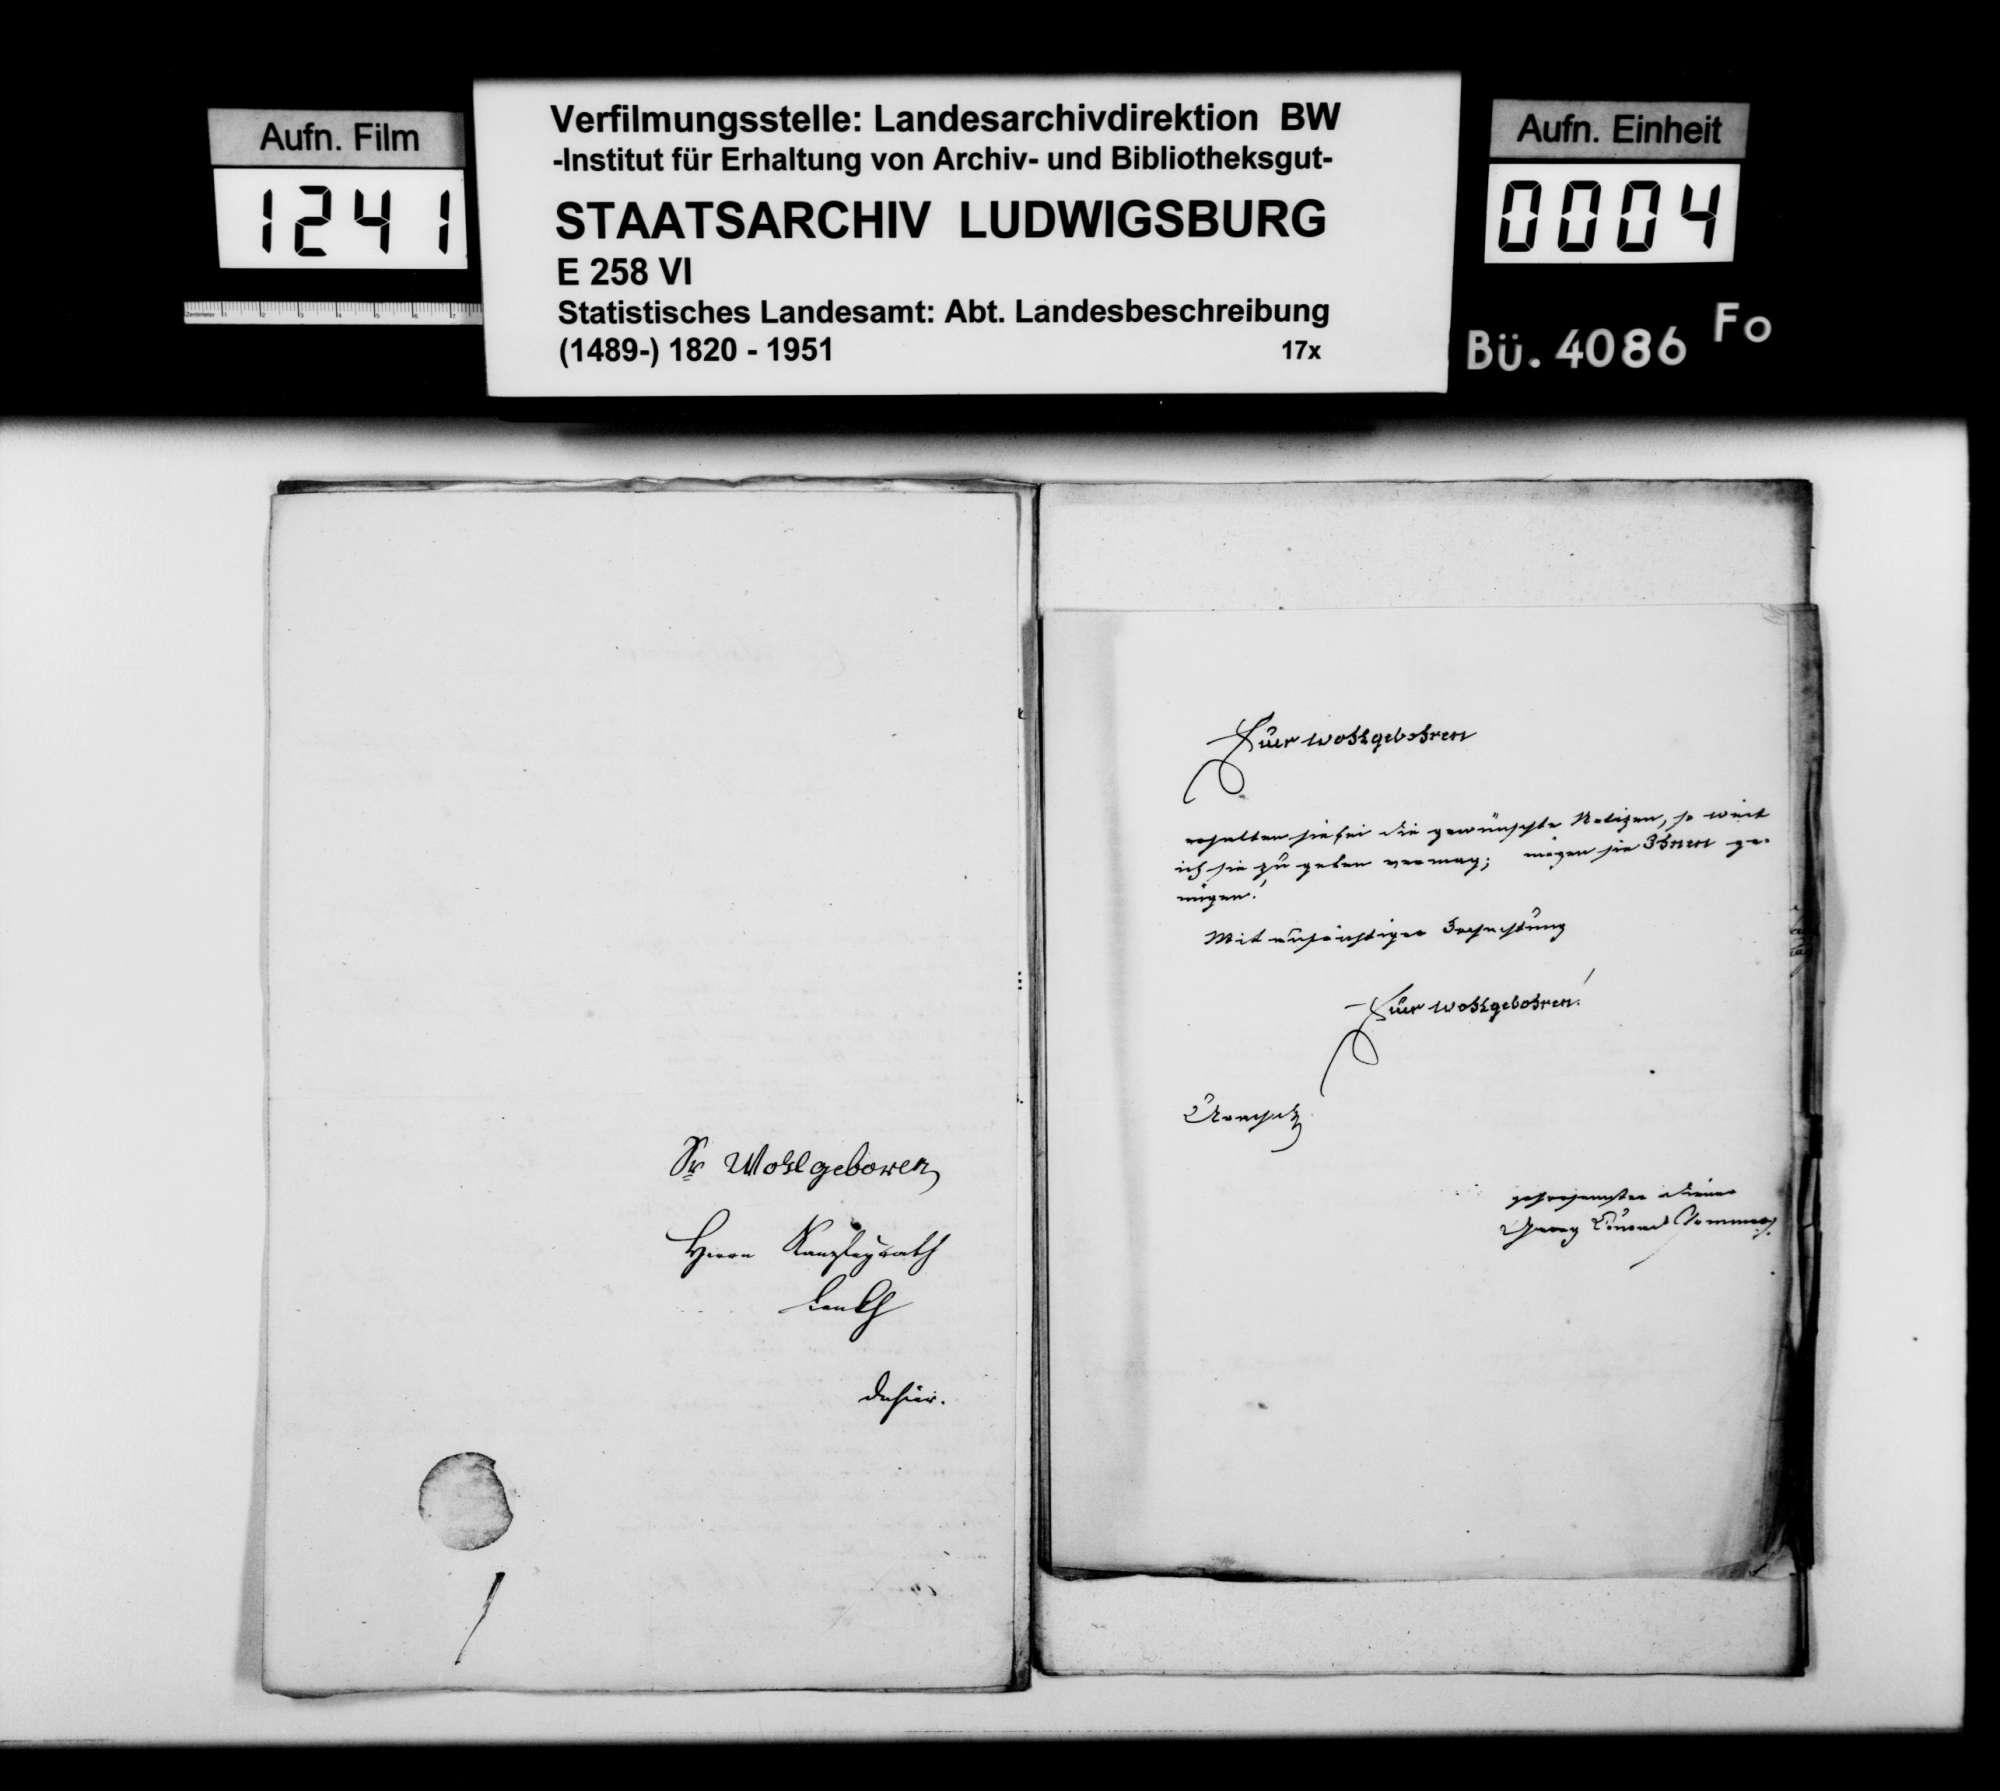 Antworten auf Nachfragen von Johann Daniel Georg Memminger zu Details der OAB, Bild 3